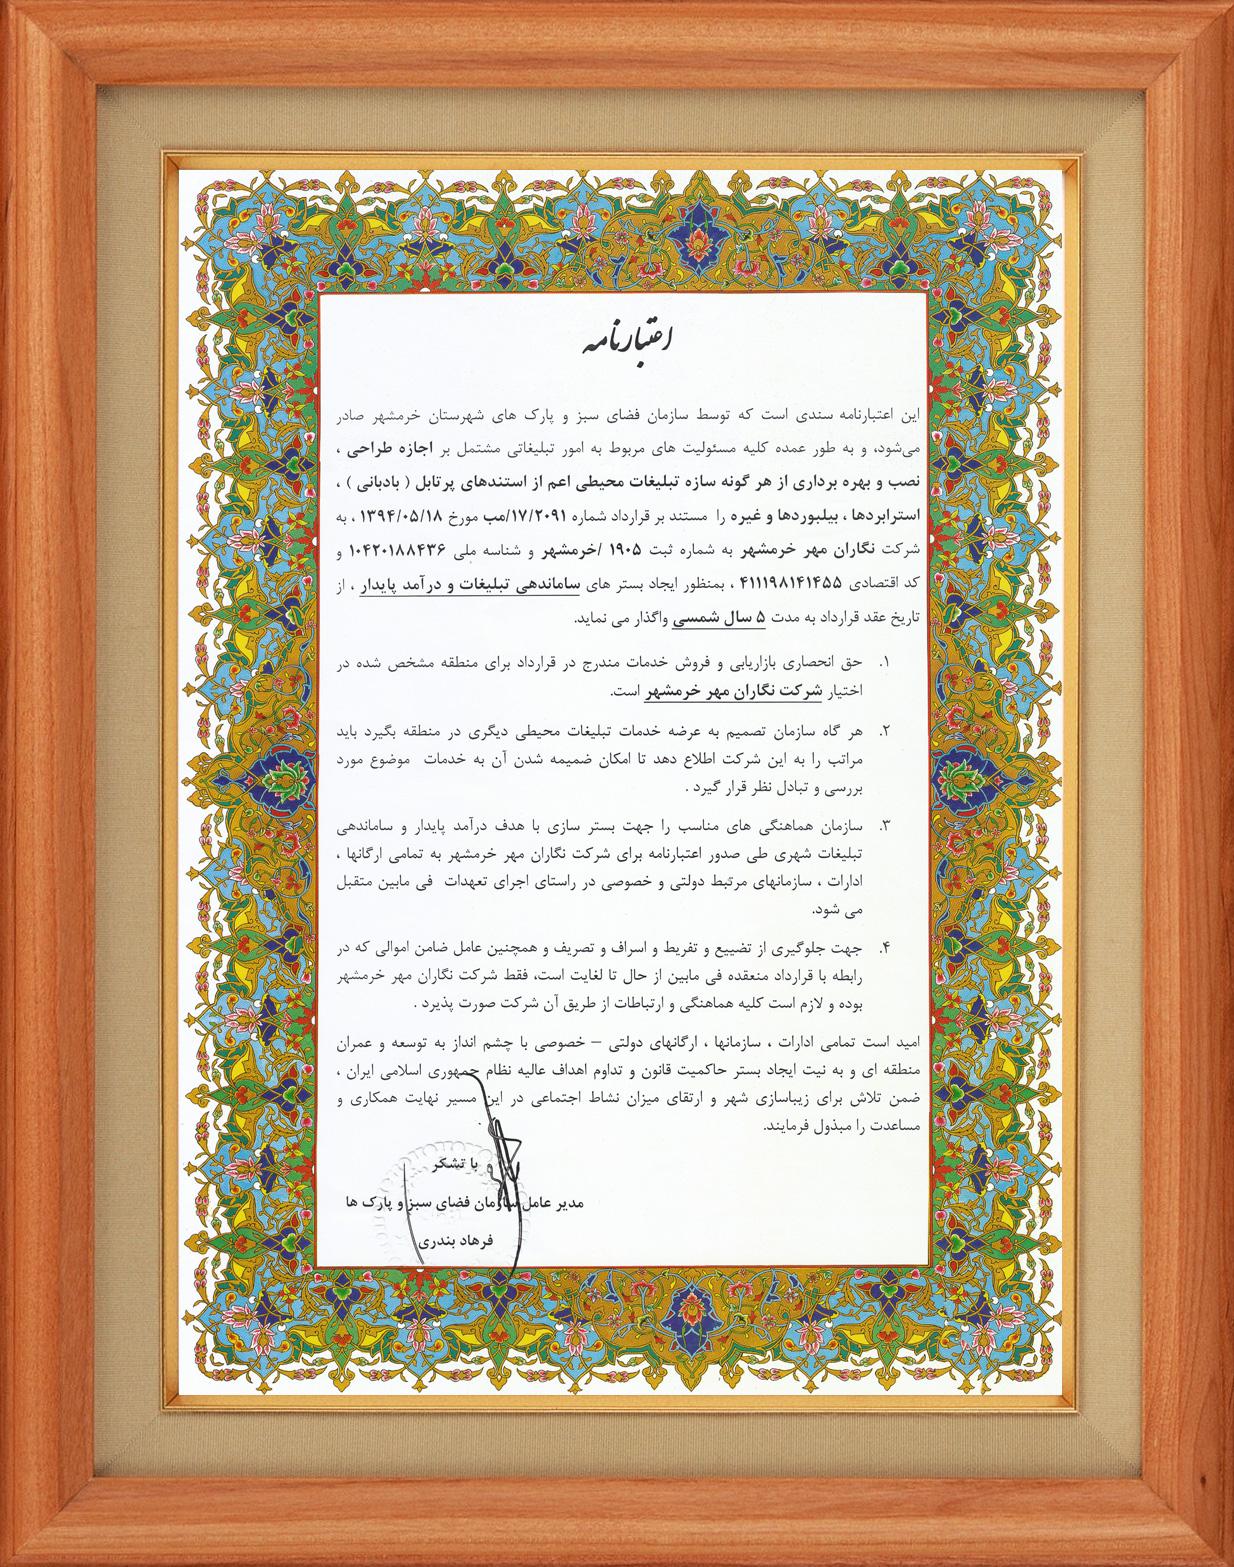 اعتبارنامه 5 ساله تبلیغات محیطی ( سازمان پارکها و فضای سبز خرمشهر )